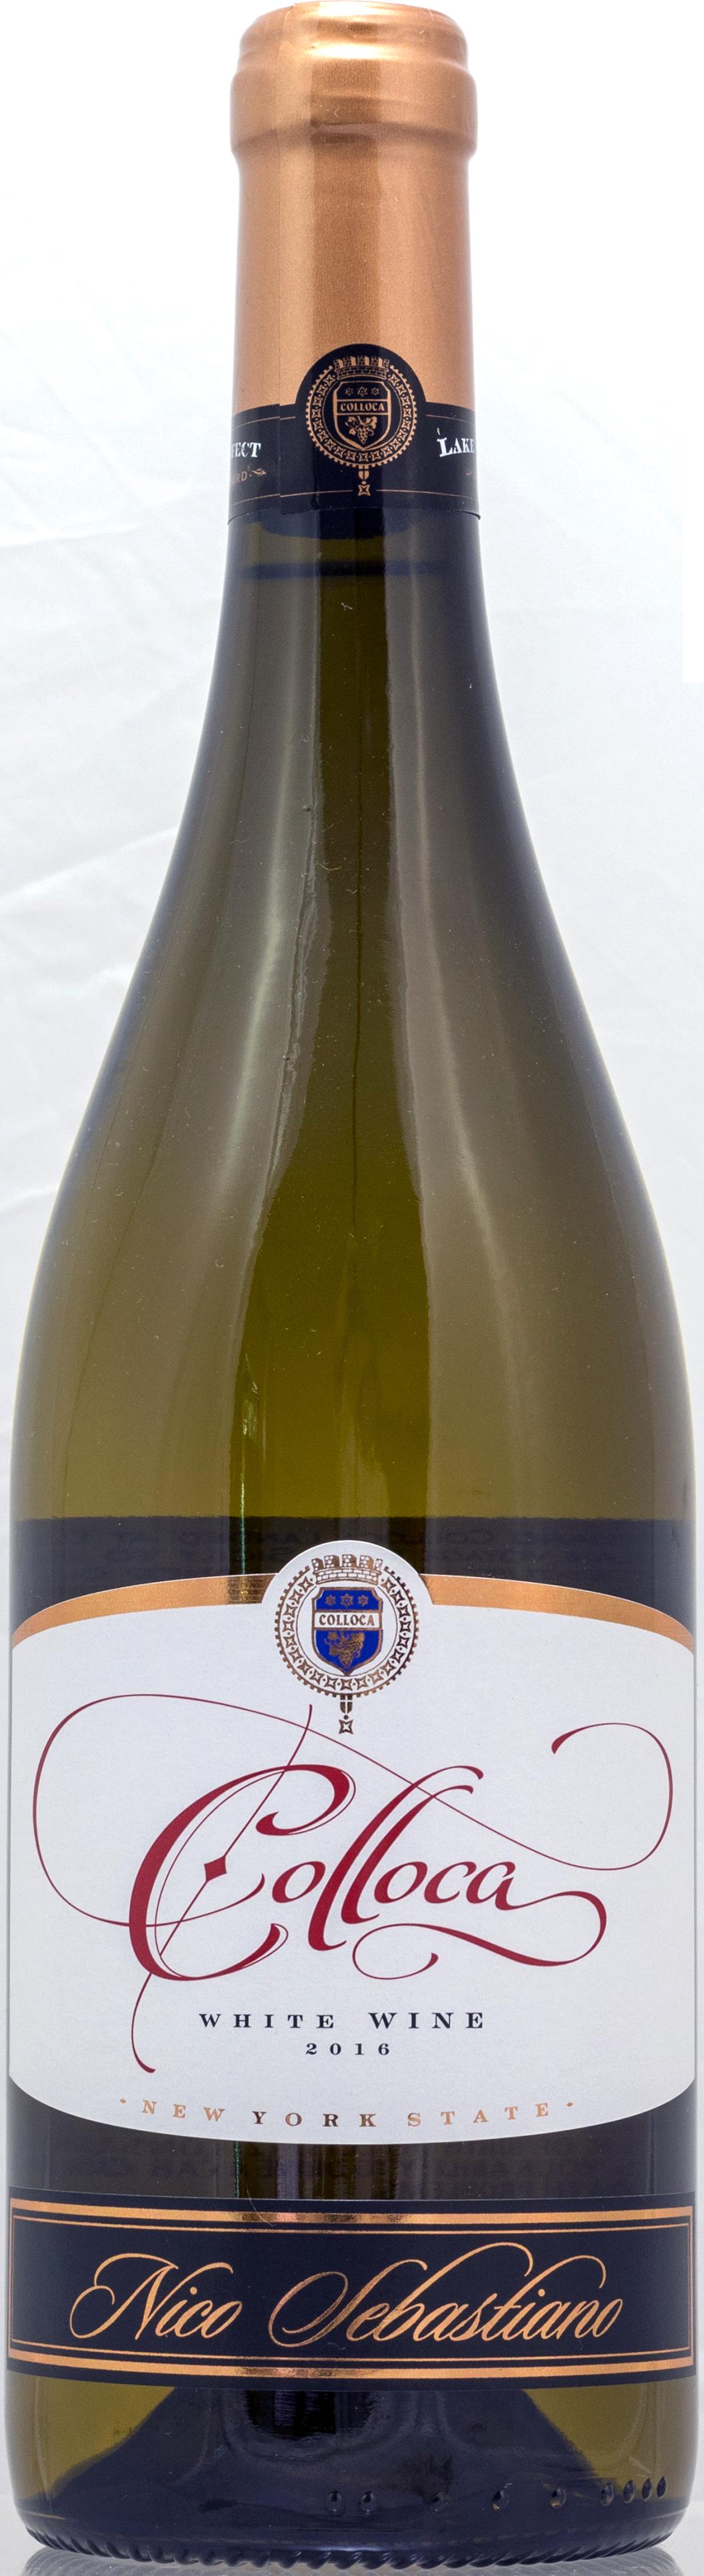 2016 Colloca Estate Lake Effect Vineyard® 'Nico Sebastiano' White WIne -